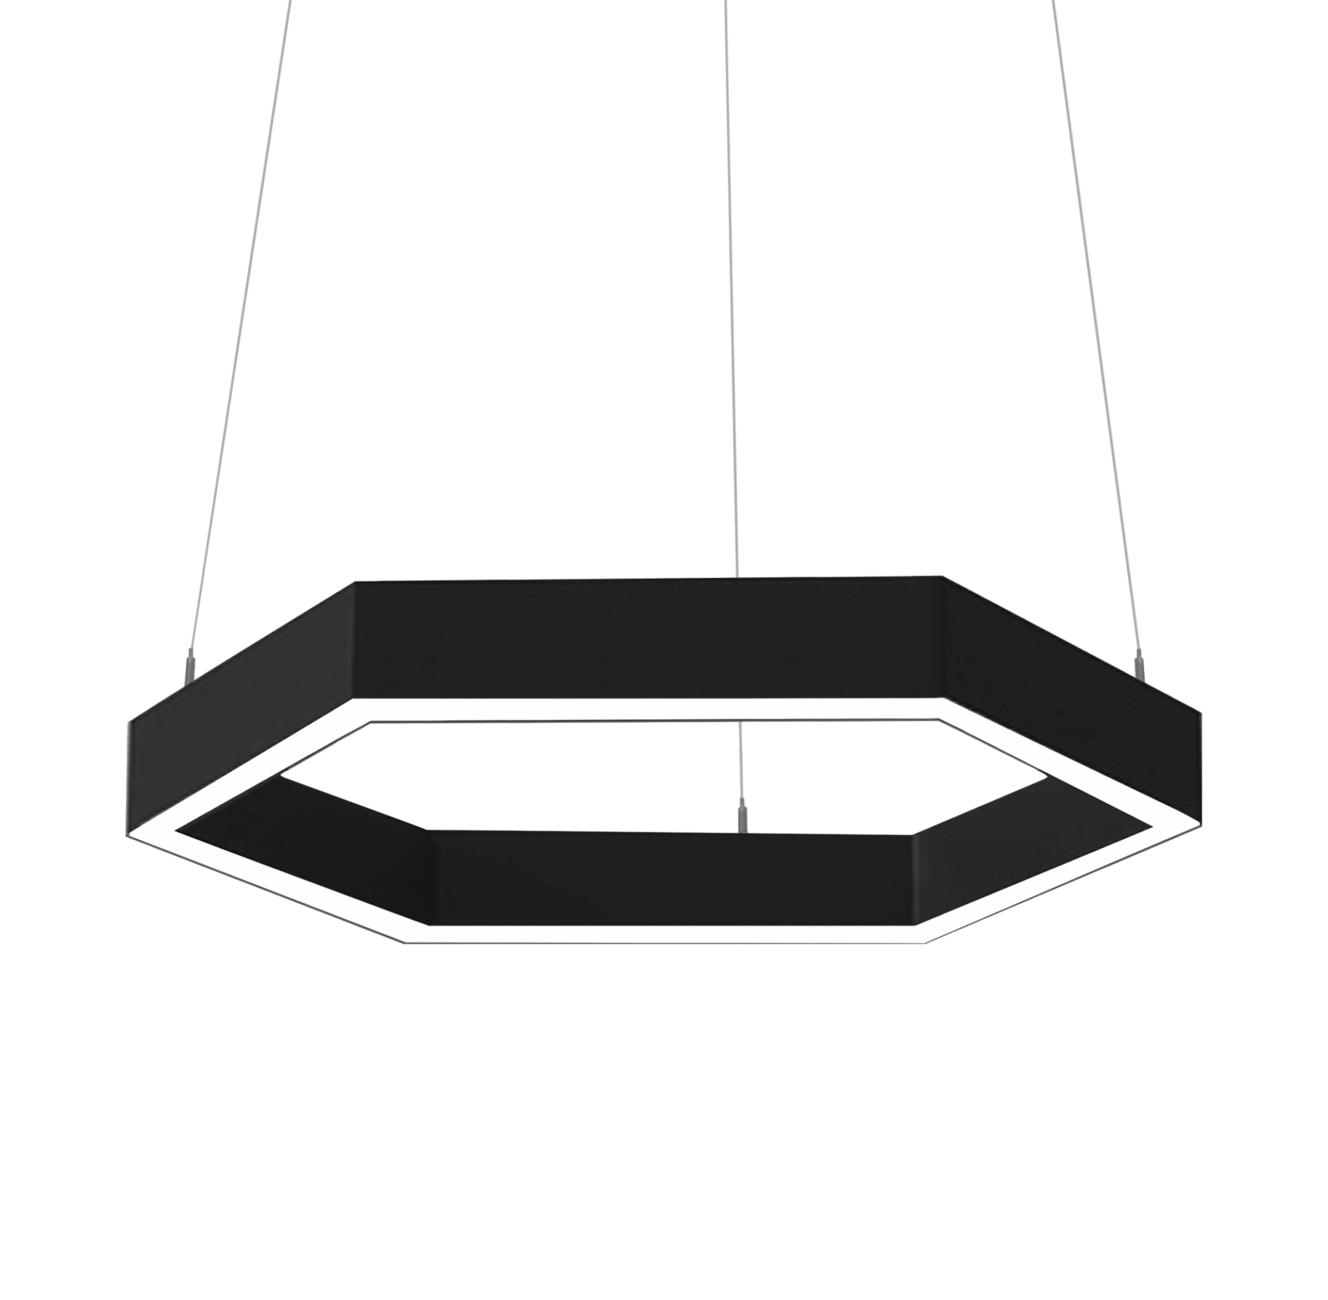 Светильник Geks 3567-1000мм. 4000К/3000К. 103W/215W купить во Владивостоке